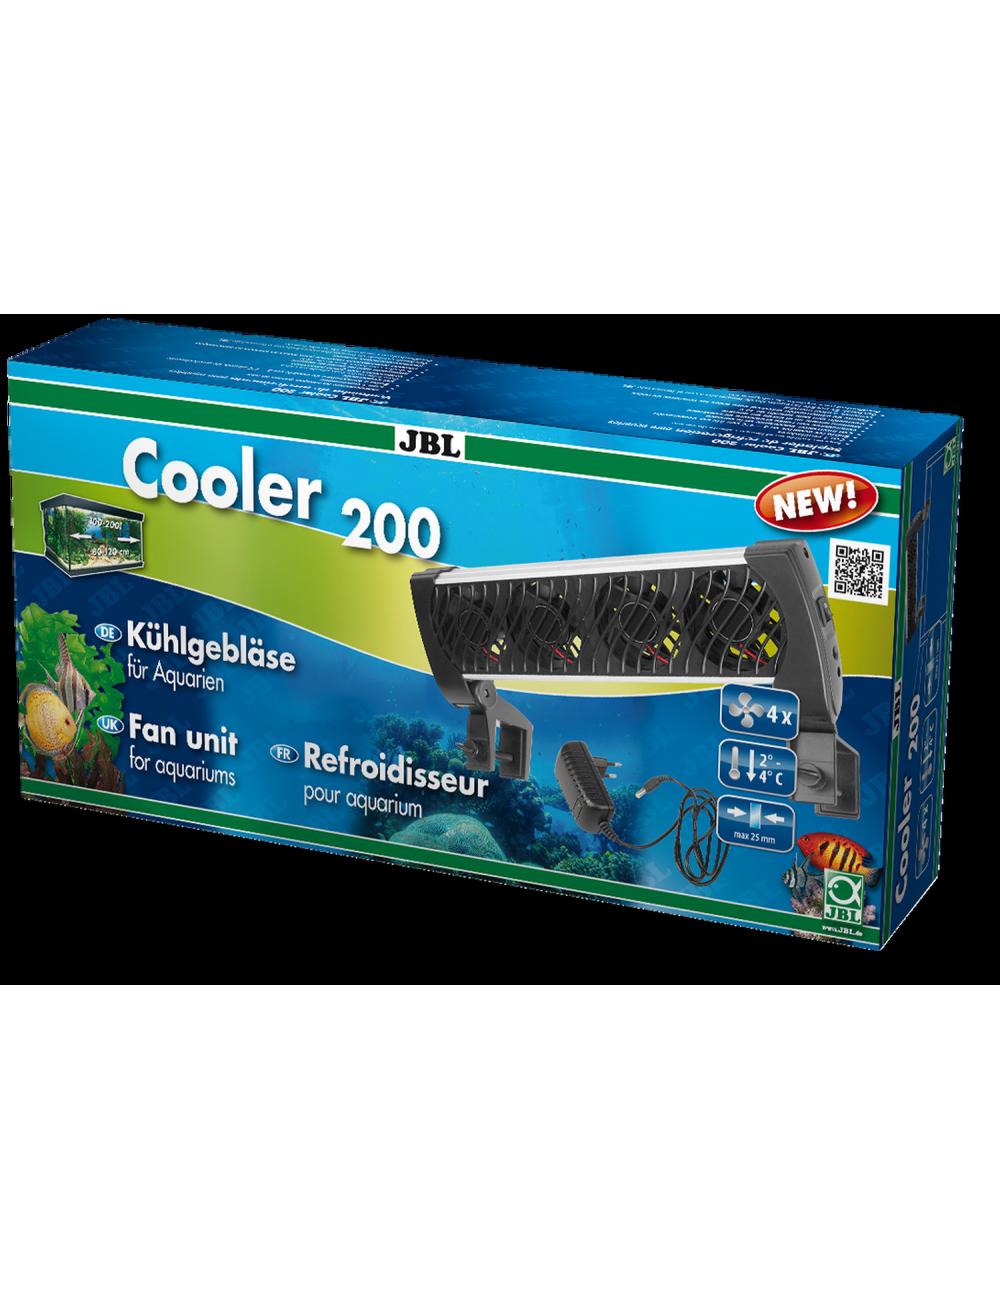 JBL - Cooler 200 - Ventilateur pour aquarium